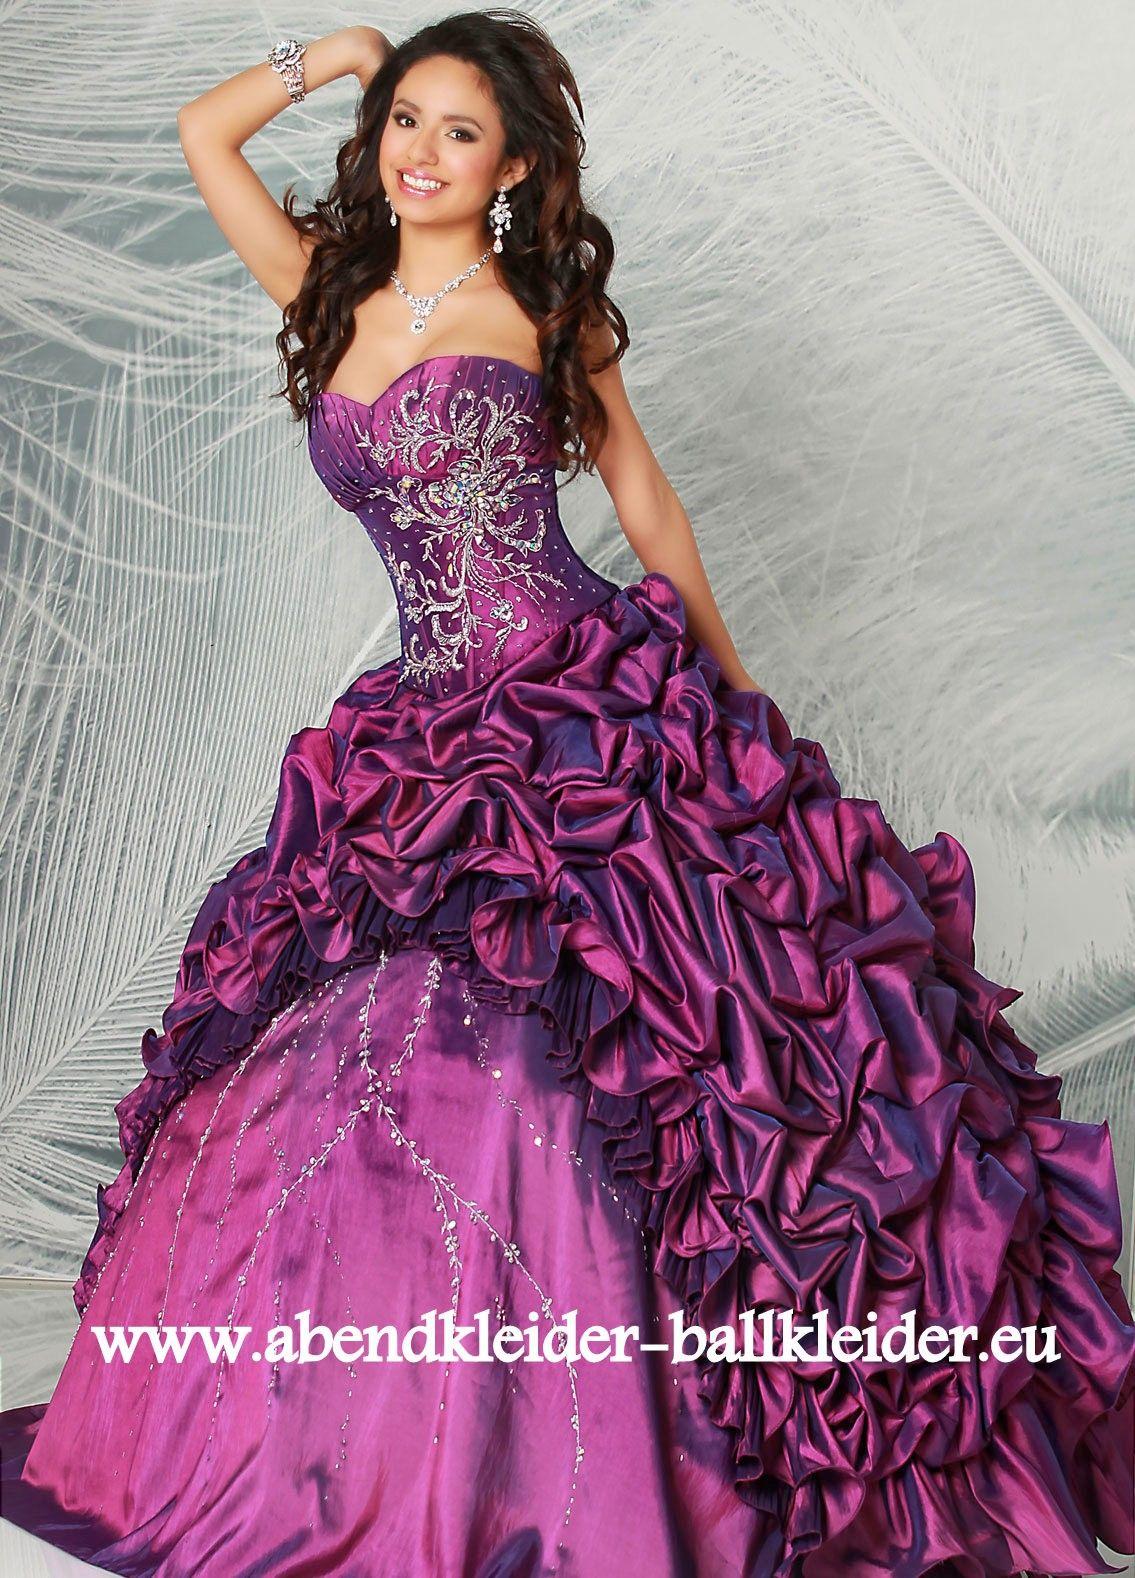 Cinderella abendkleid ballkleid online in lila gowns pinterest